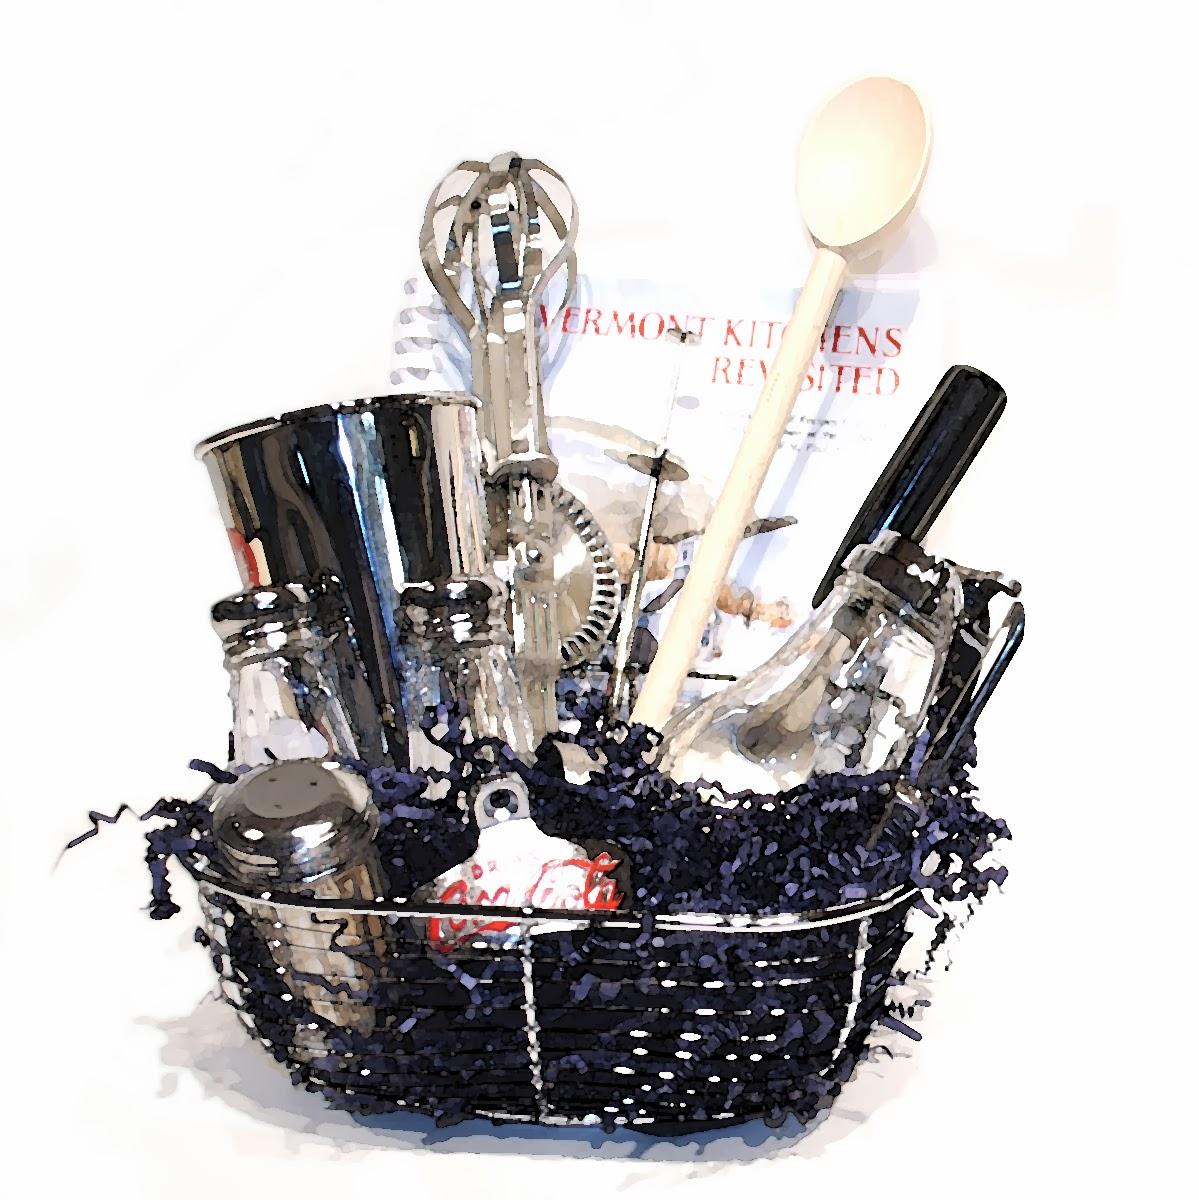 Beard in the Wind - New London MC: Gift Baskets Please